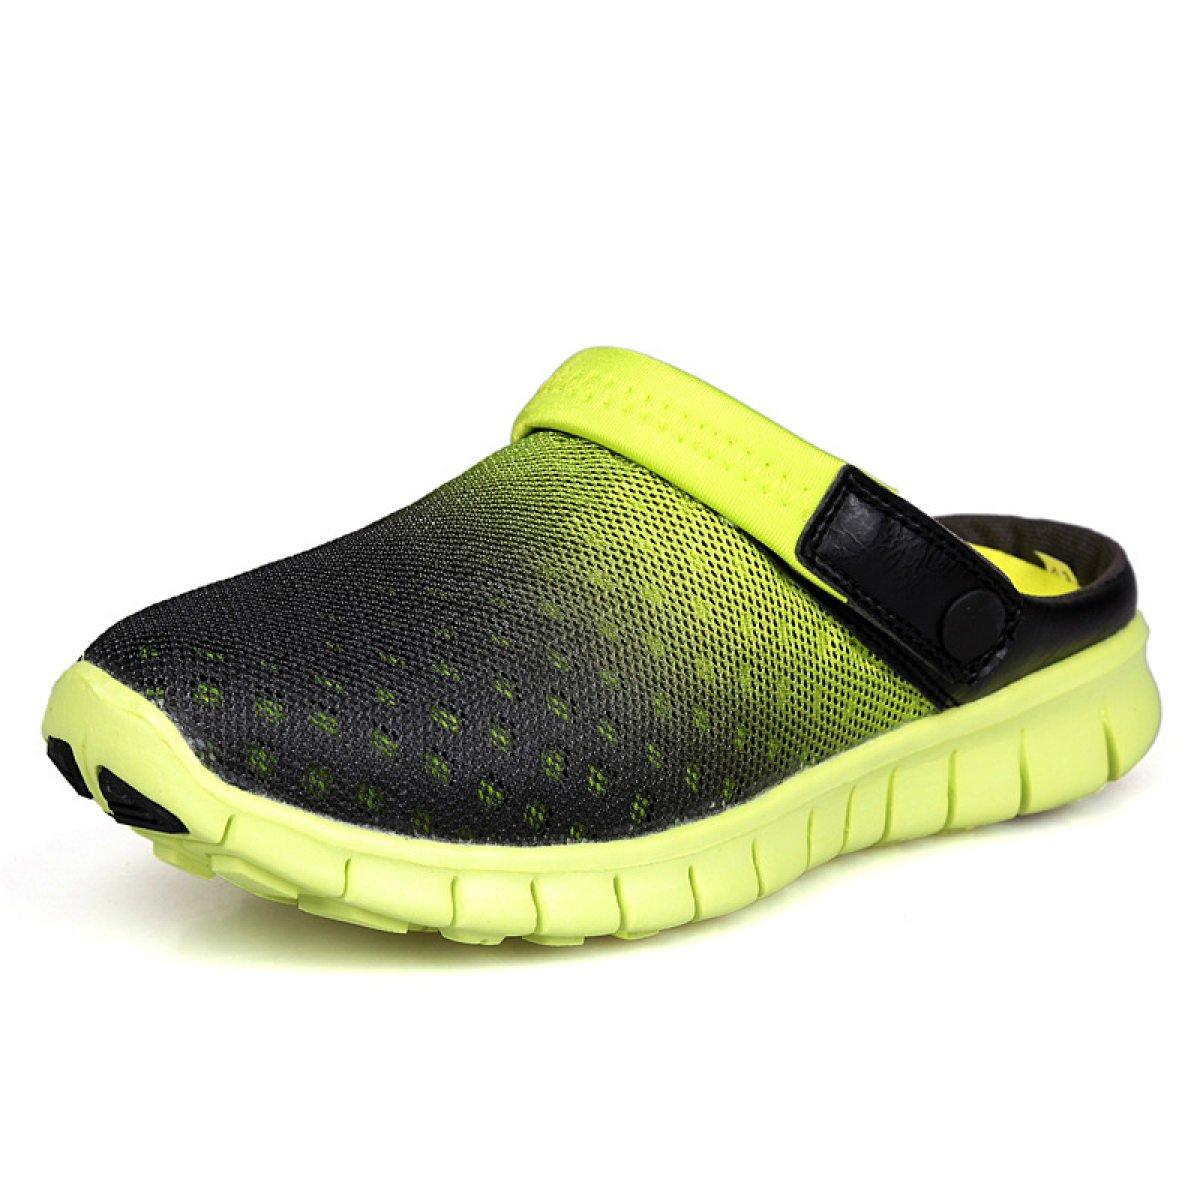 LXXAUnisex été Plage Maille Respirante Poids Léger Chaussures De Sport Trekking Sandales Chaussures De Sport Deux Utilisations